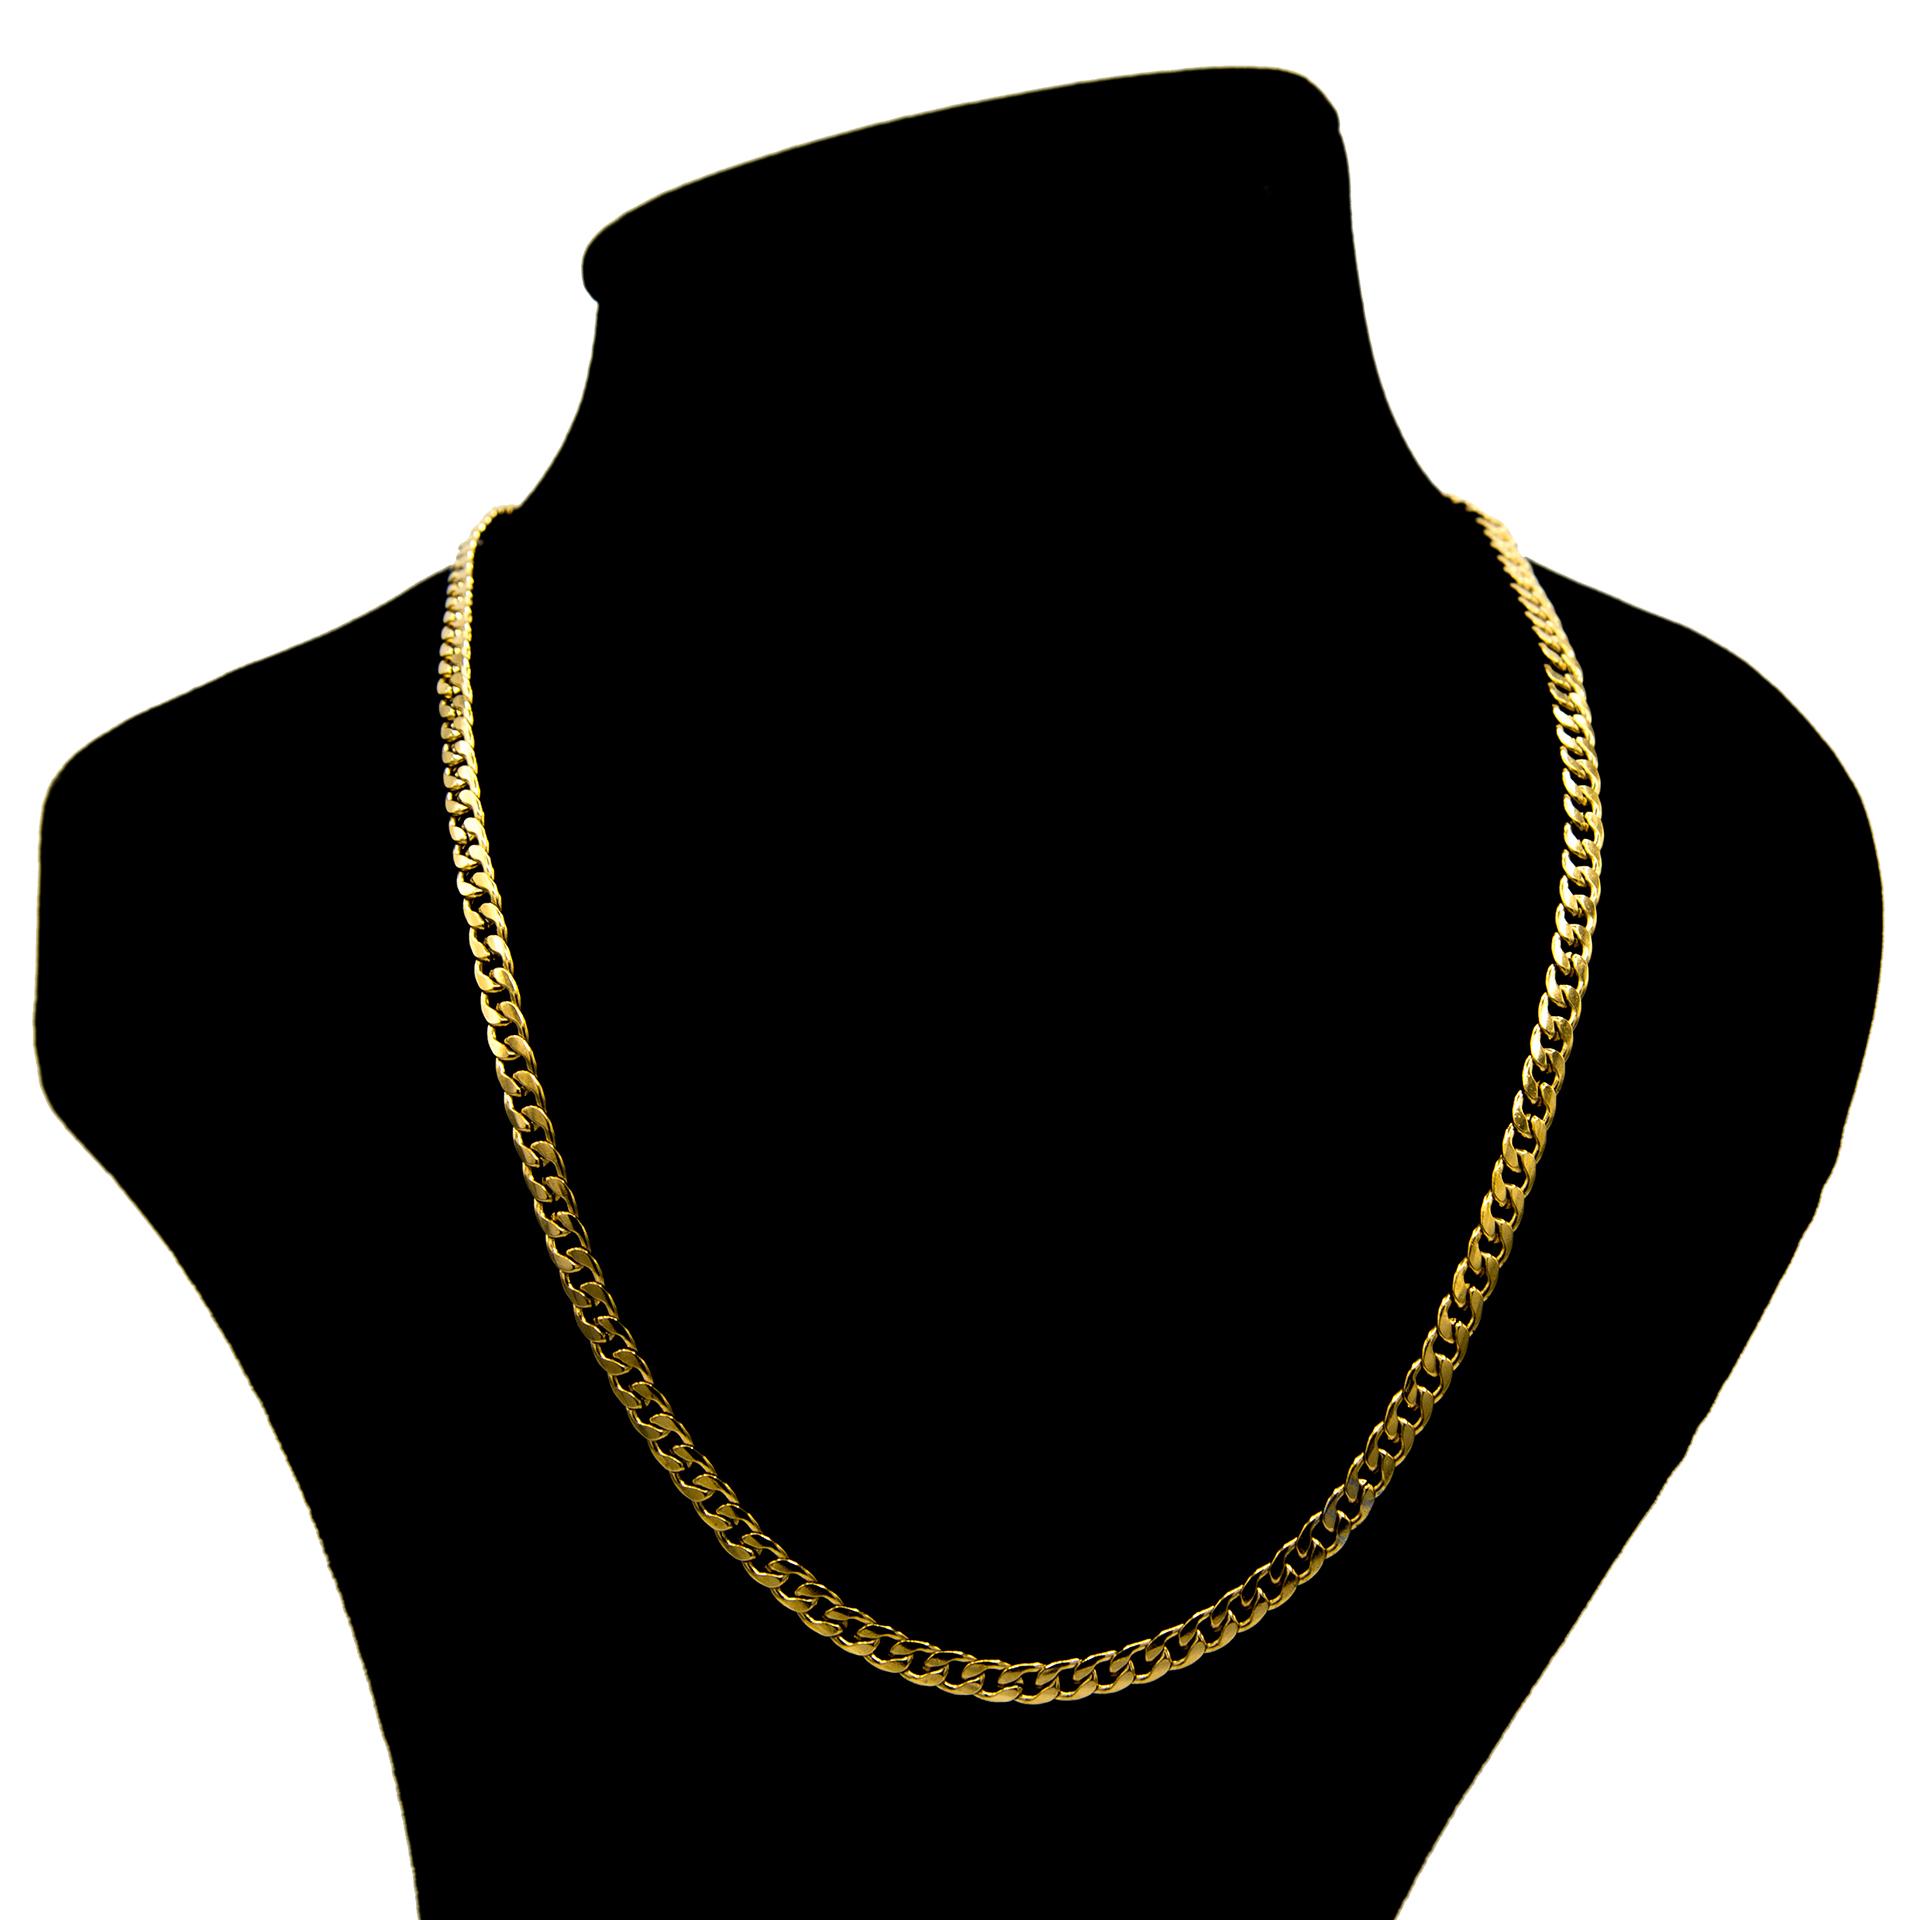 قیمت زنجیر بهارگالری مدل Golden Link Chain کد 60